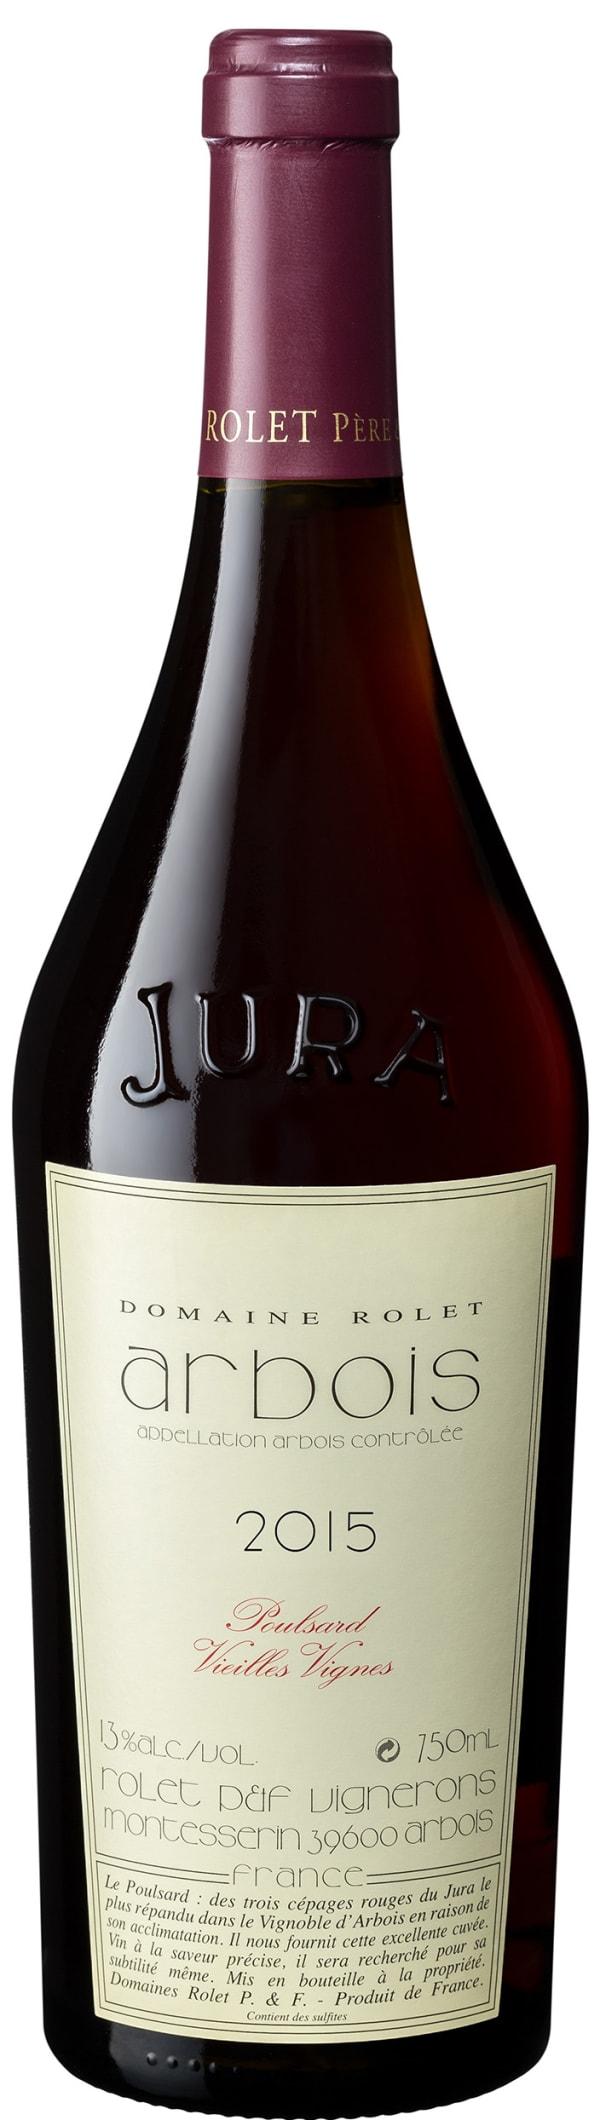 Domaine Rolet Arbois Poulsard Vieilles Vignes 2015